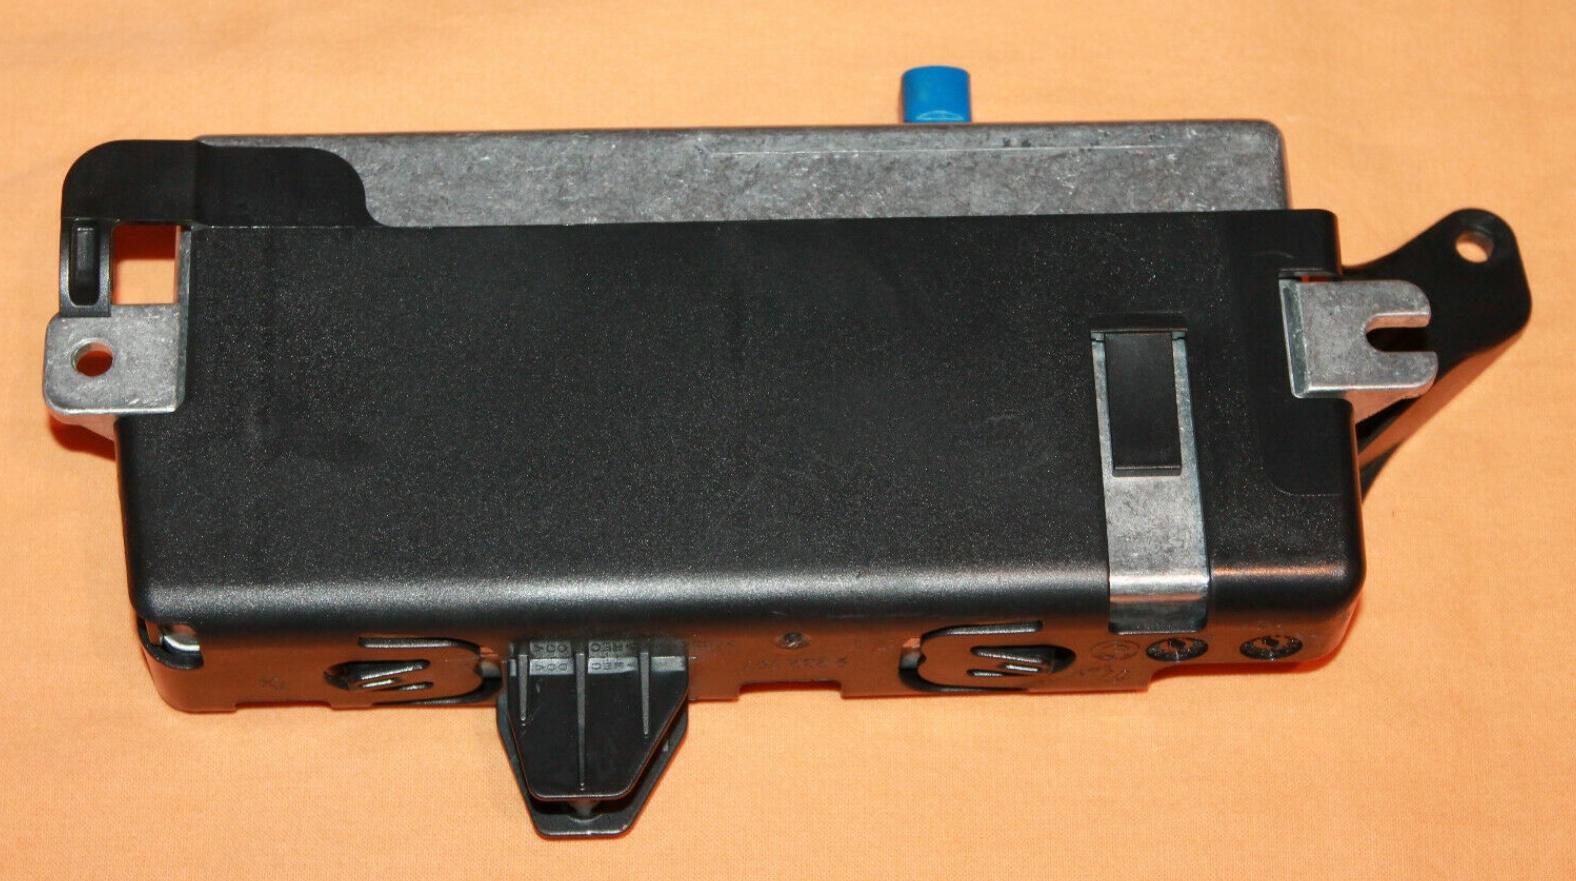 A62B3819-B615-49A4-9FEA-3E11E3CF4D0E.jpeg